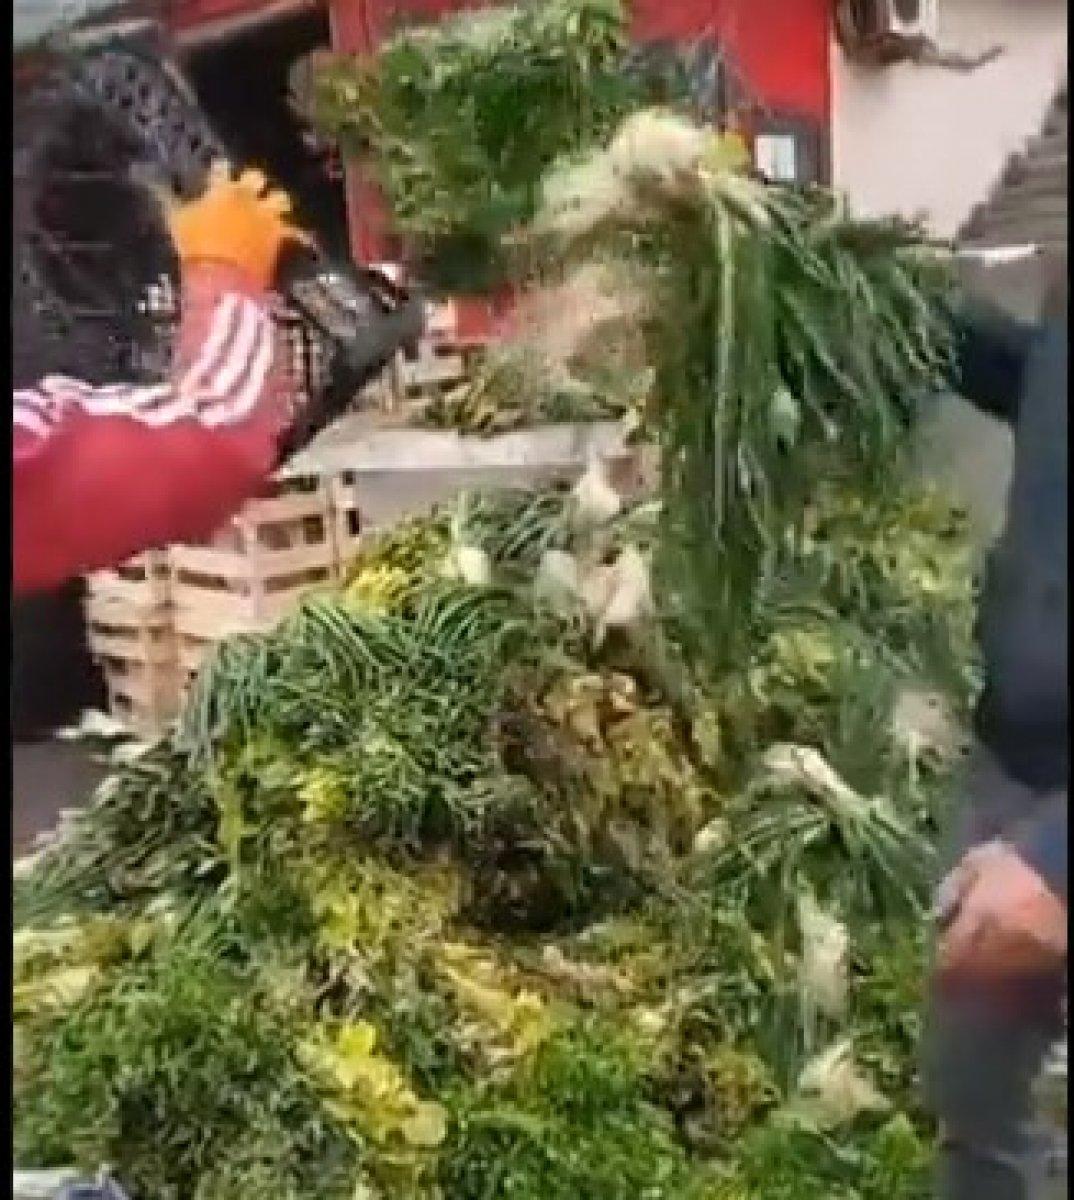 Sebze halindeki taze soğan ve kıvırcıkların çöpe atıldığı görüldü #2